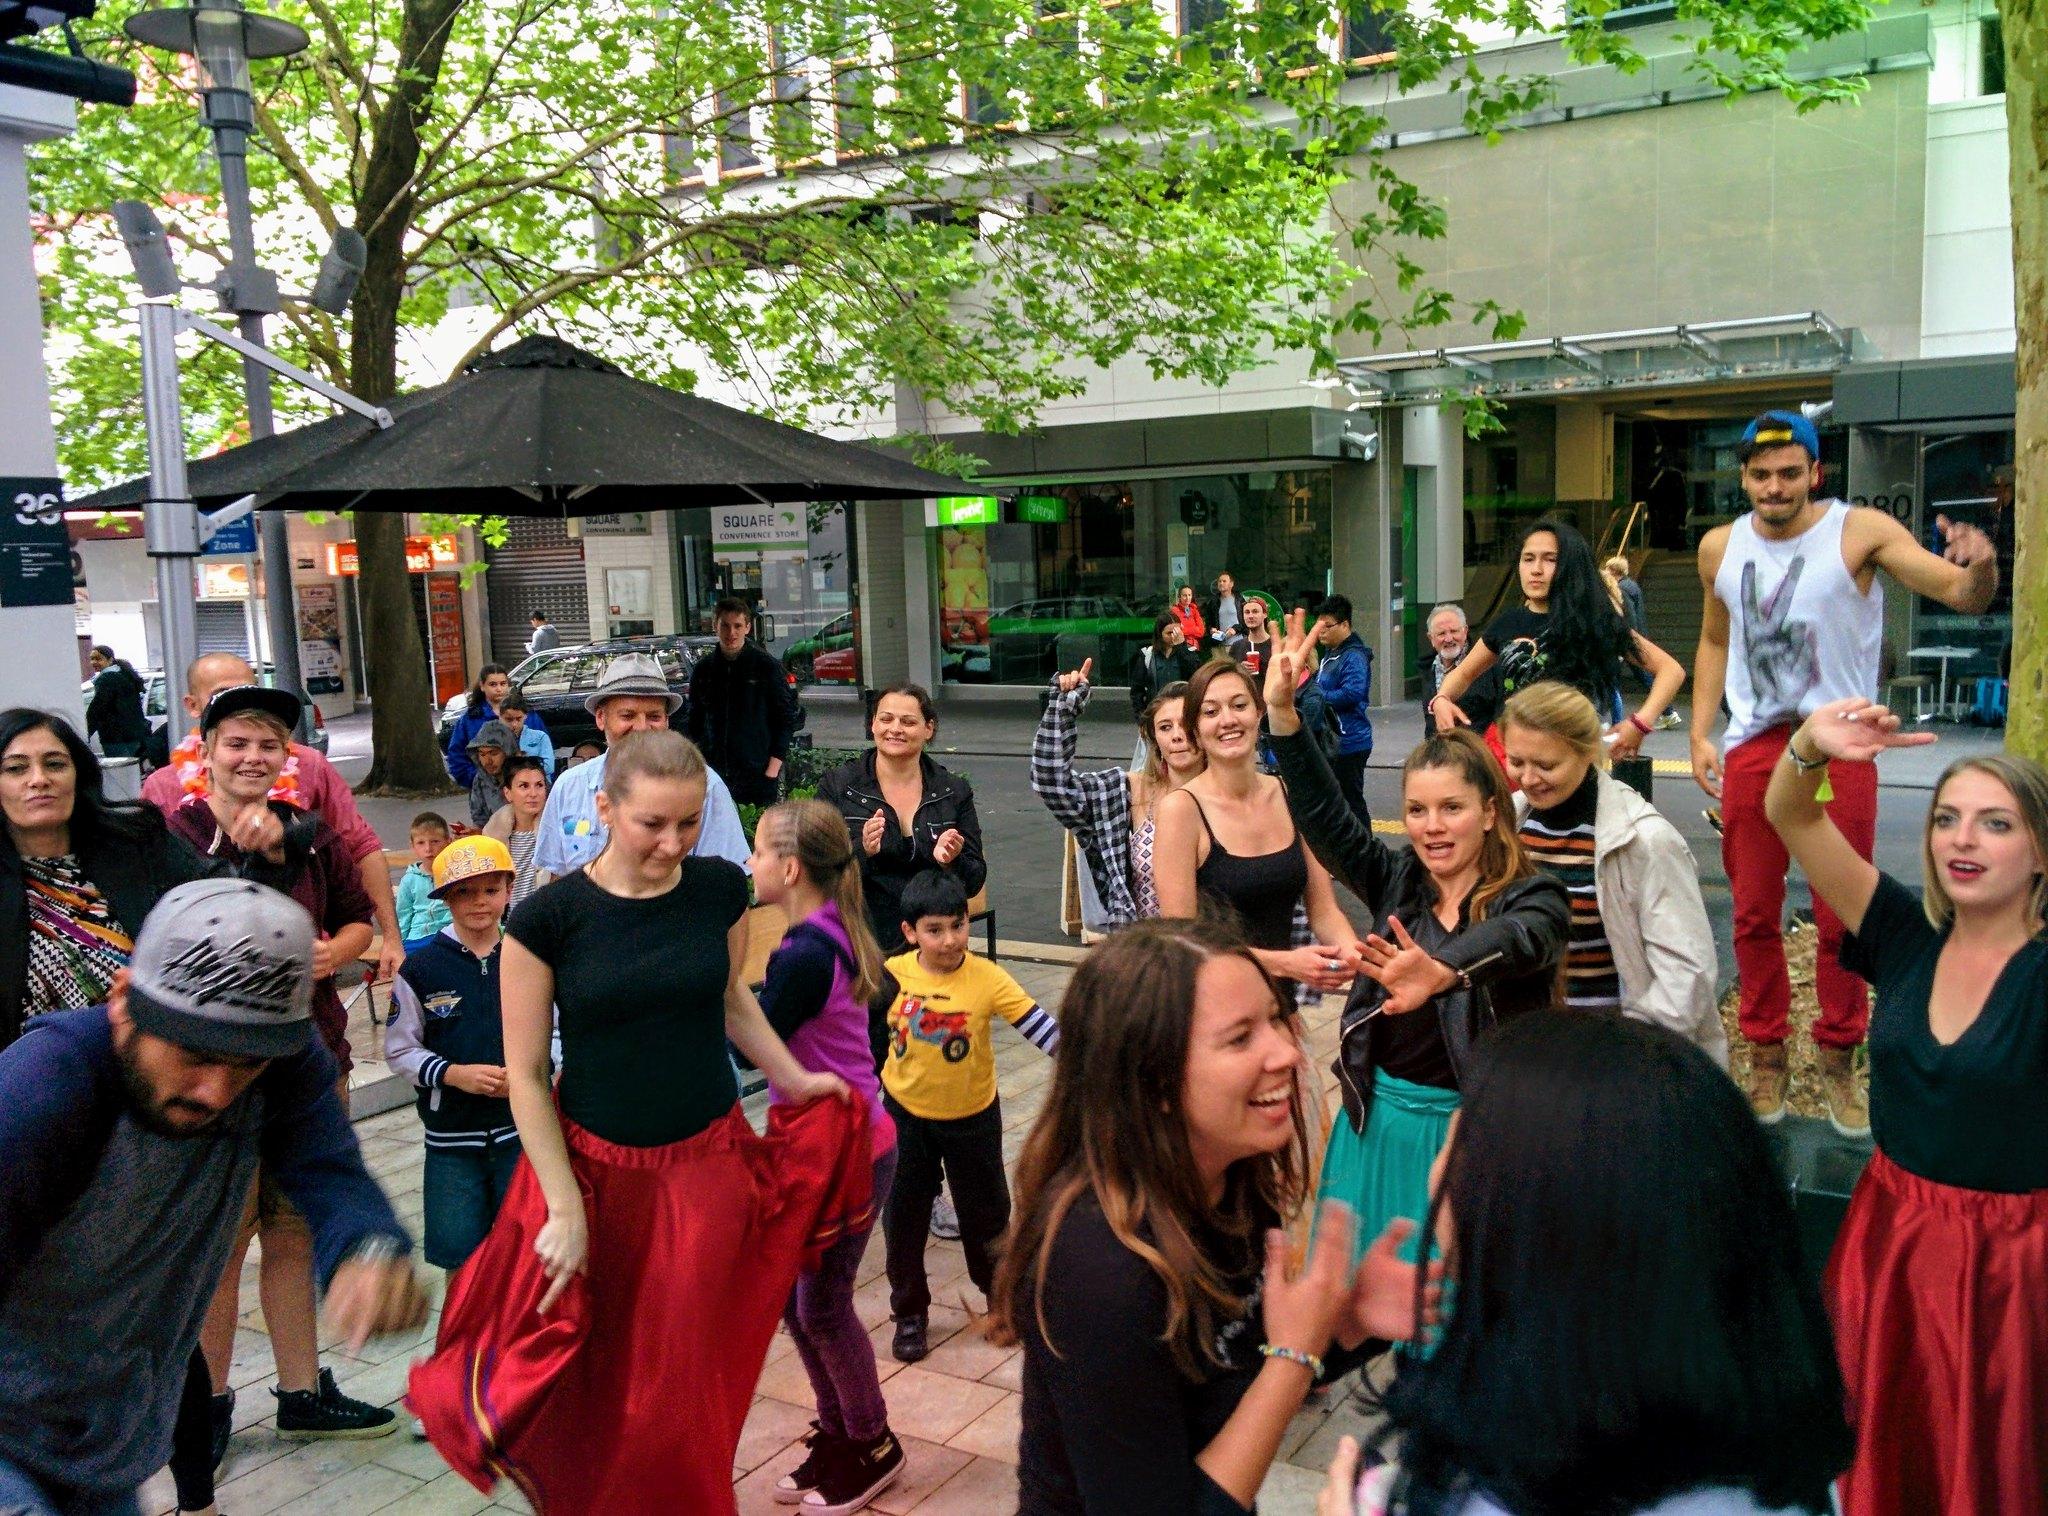 Dance mob!